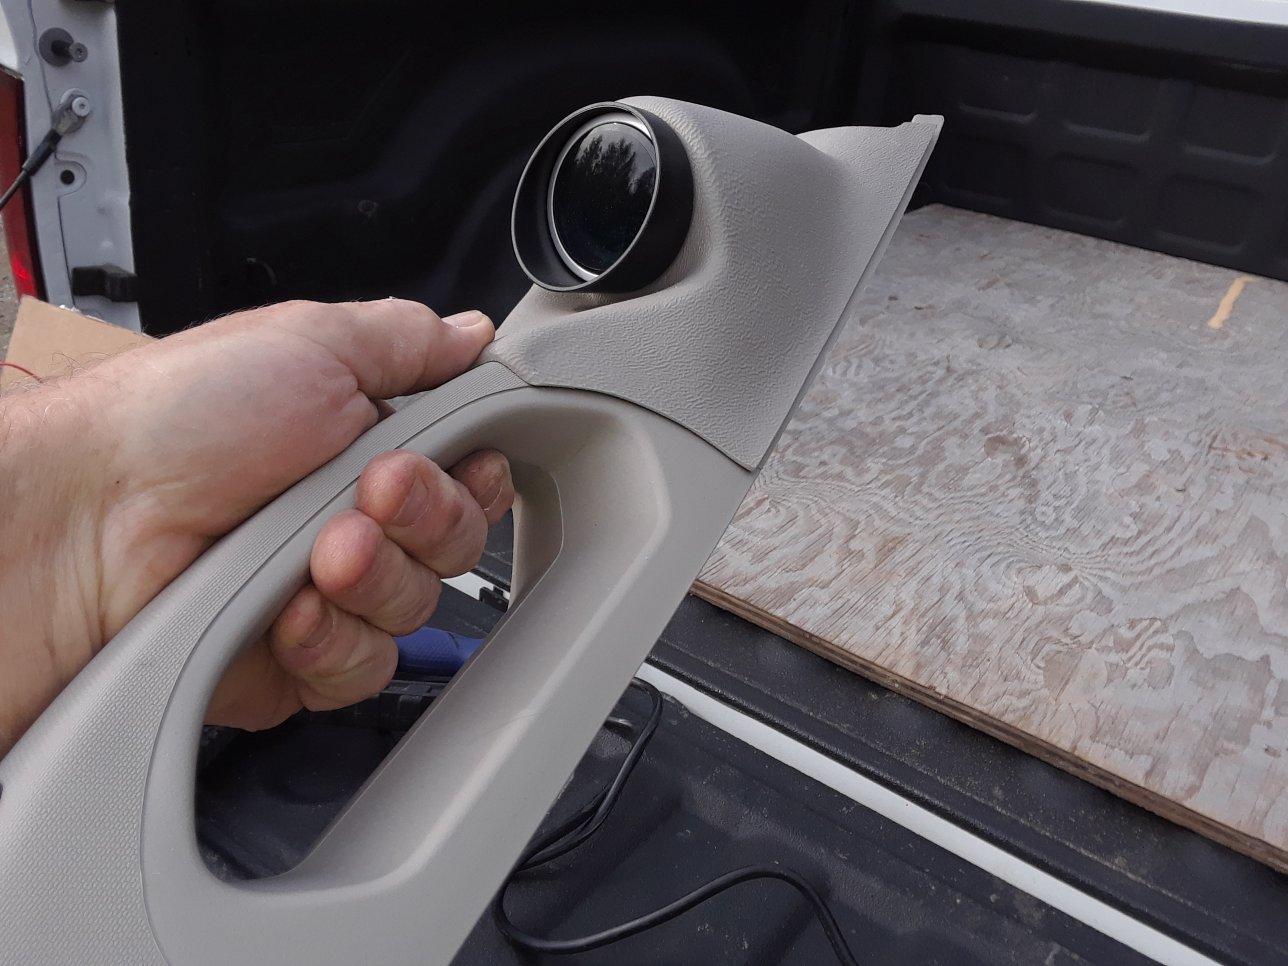 Installing an oil pressure gauge